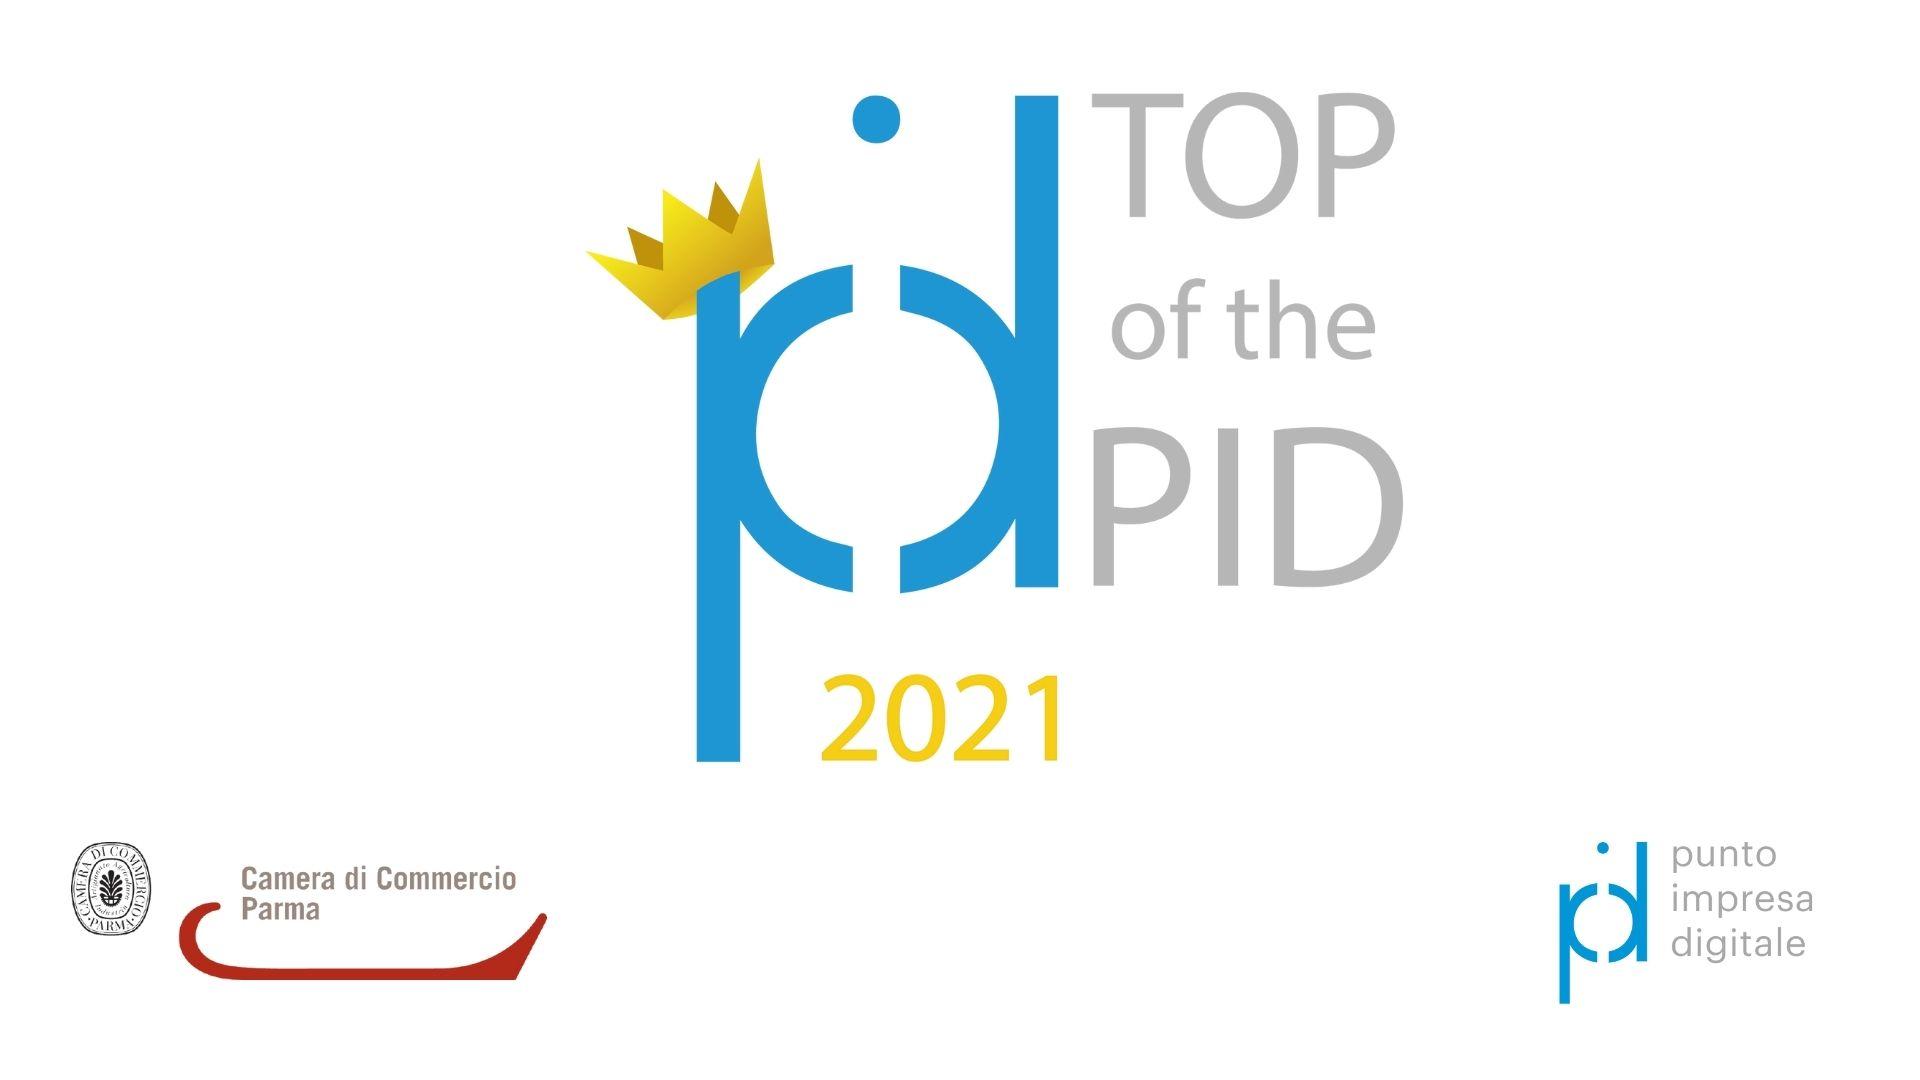 Premio TOP of the PID 2021: candidature fino al 13 settembre